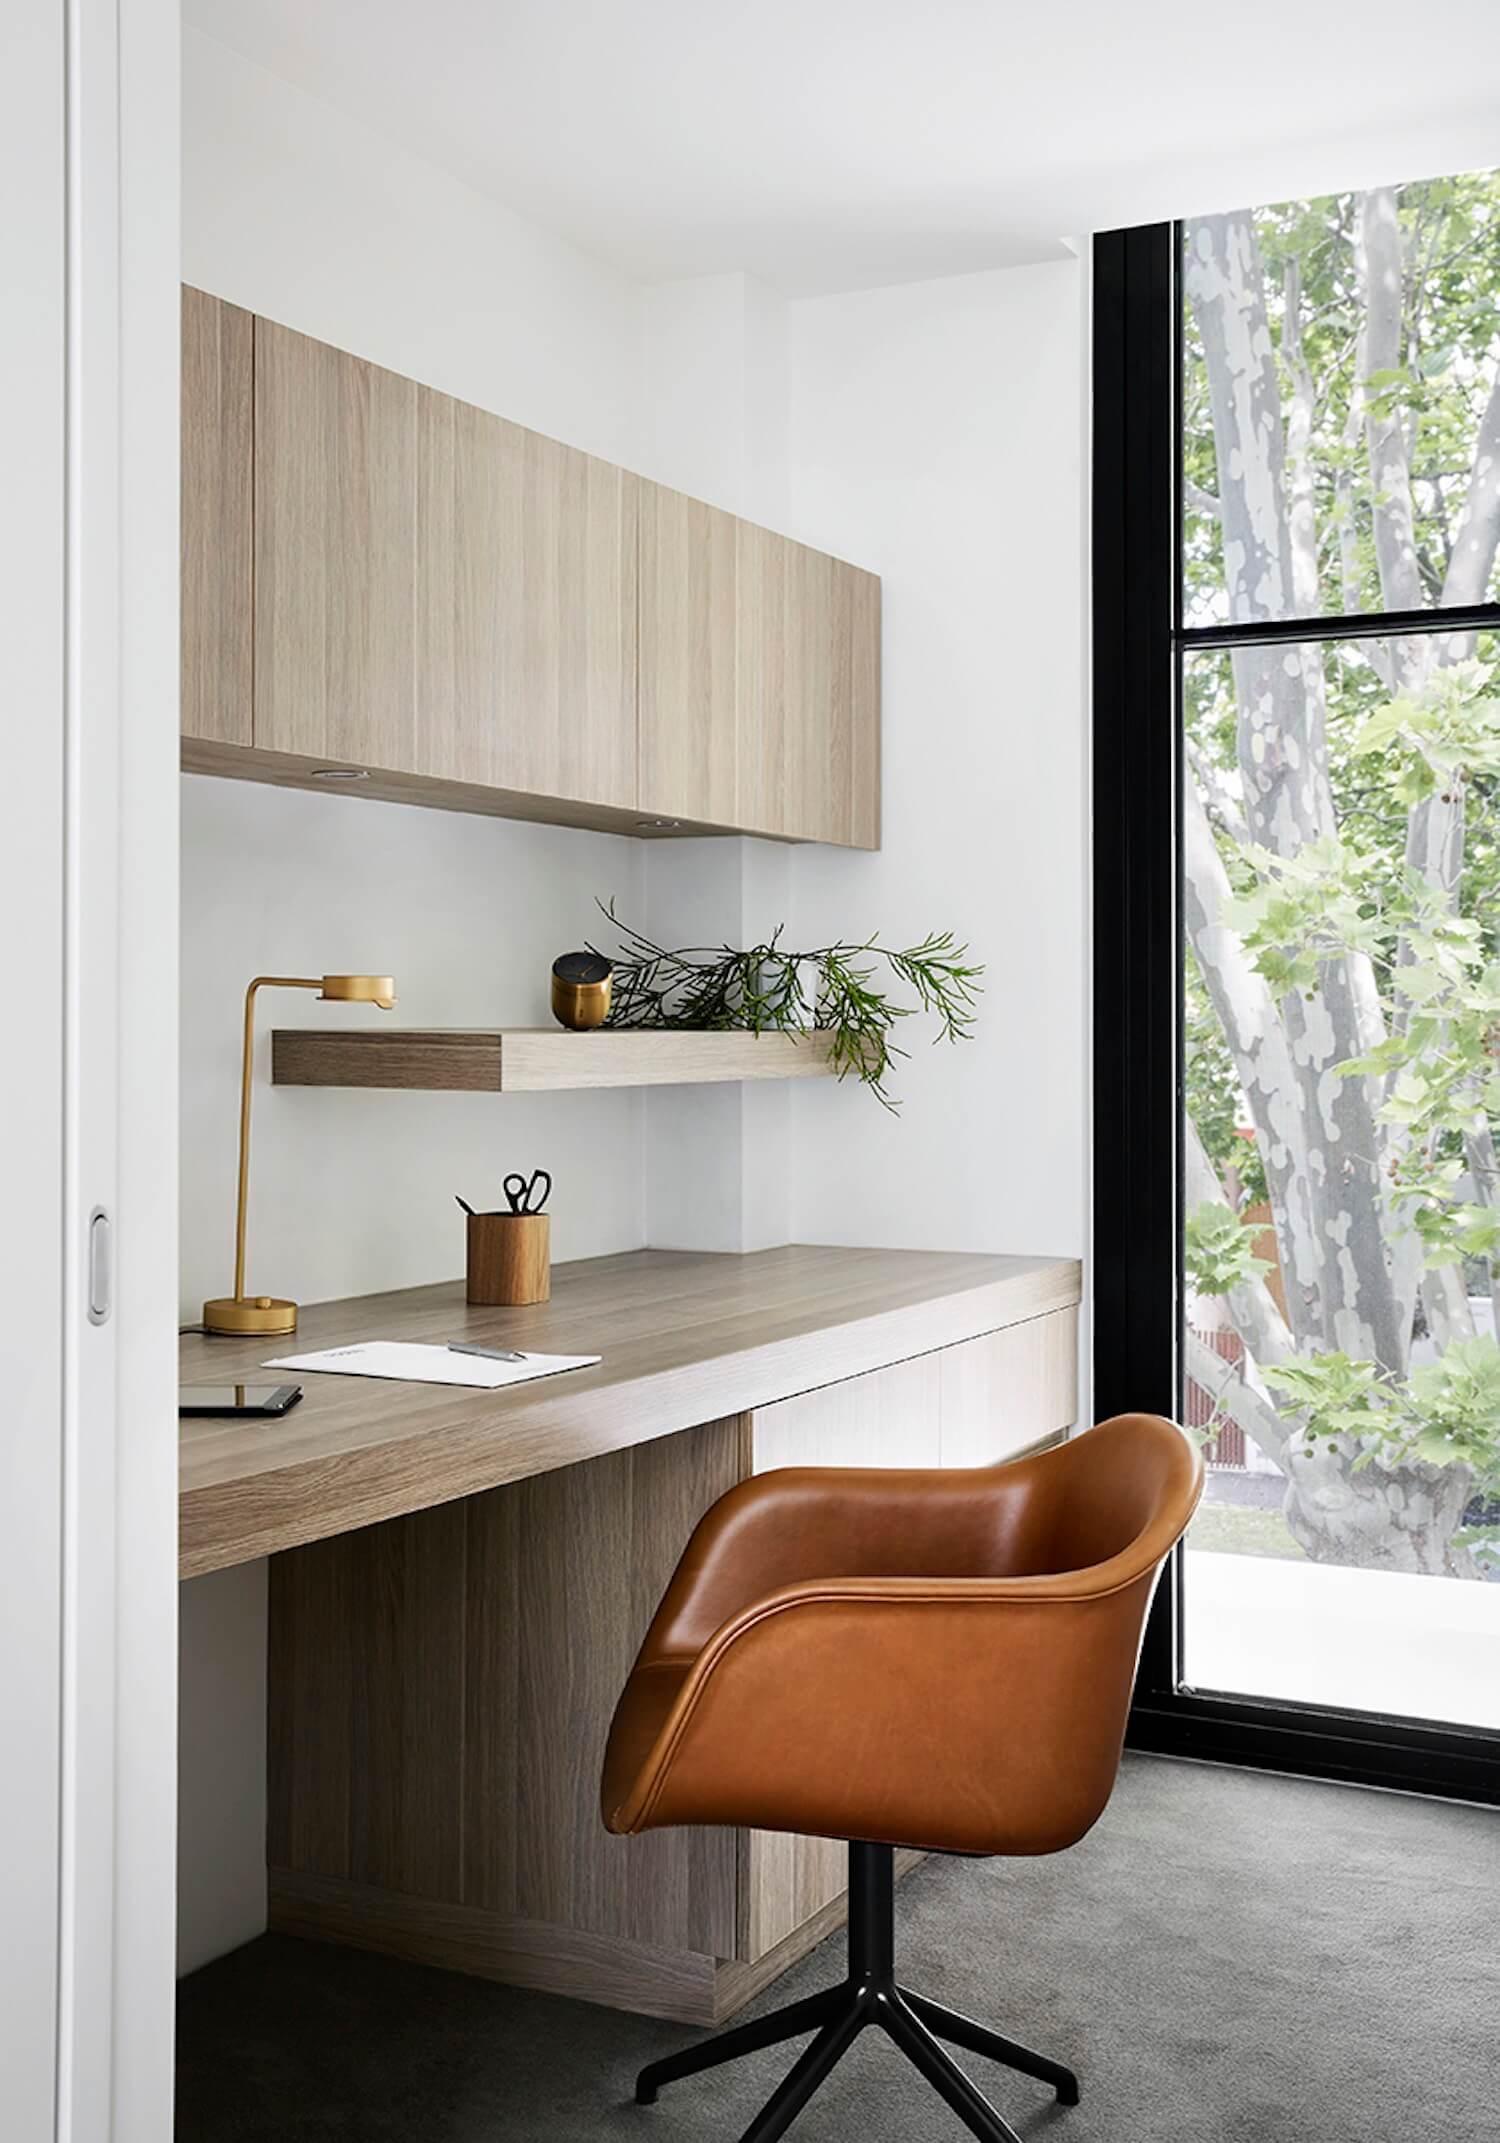 est living brighton townhouse sisalla interior design 3